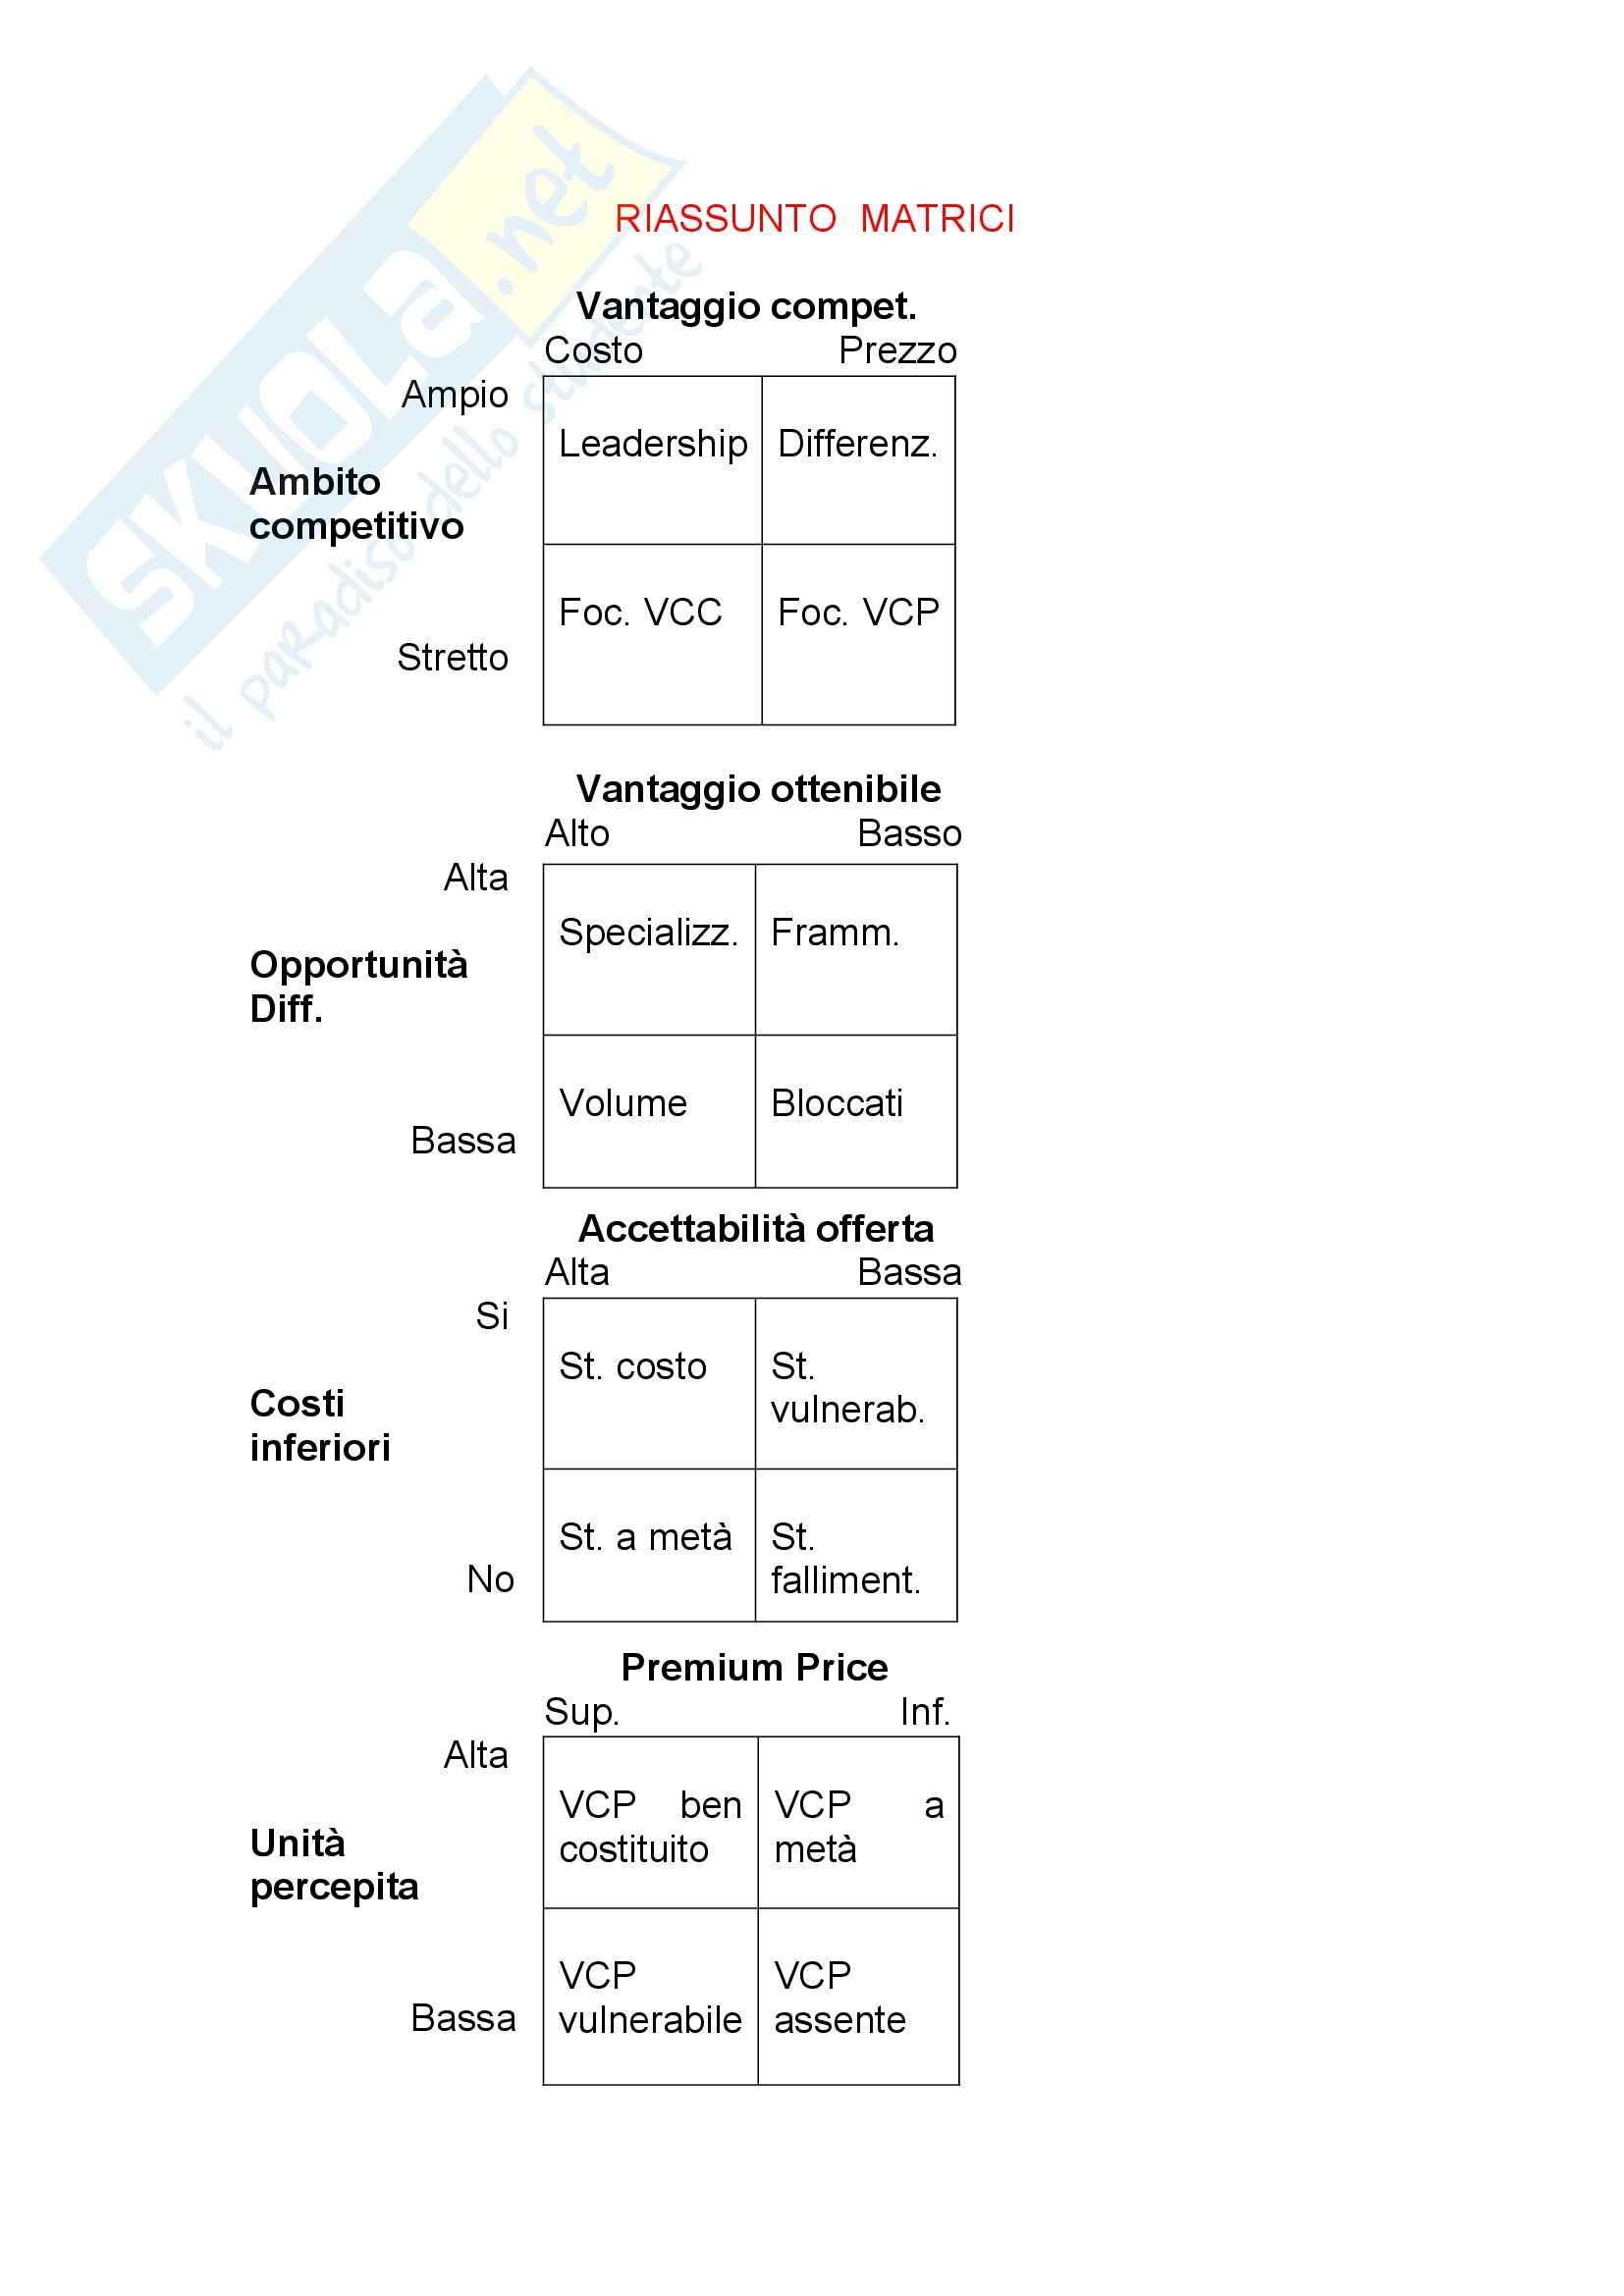 Matrici - Porter - Formule - Catena del valore, Strategia e politica aziendale